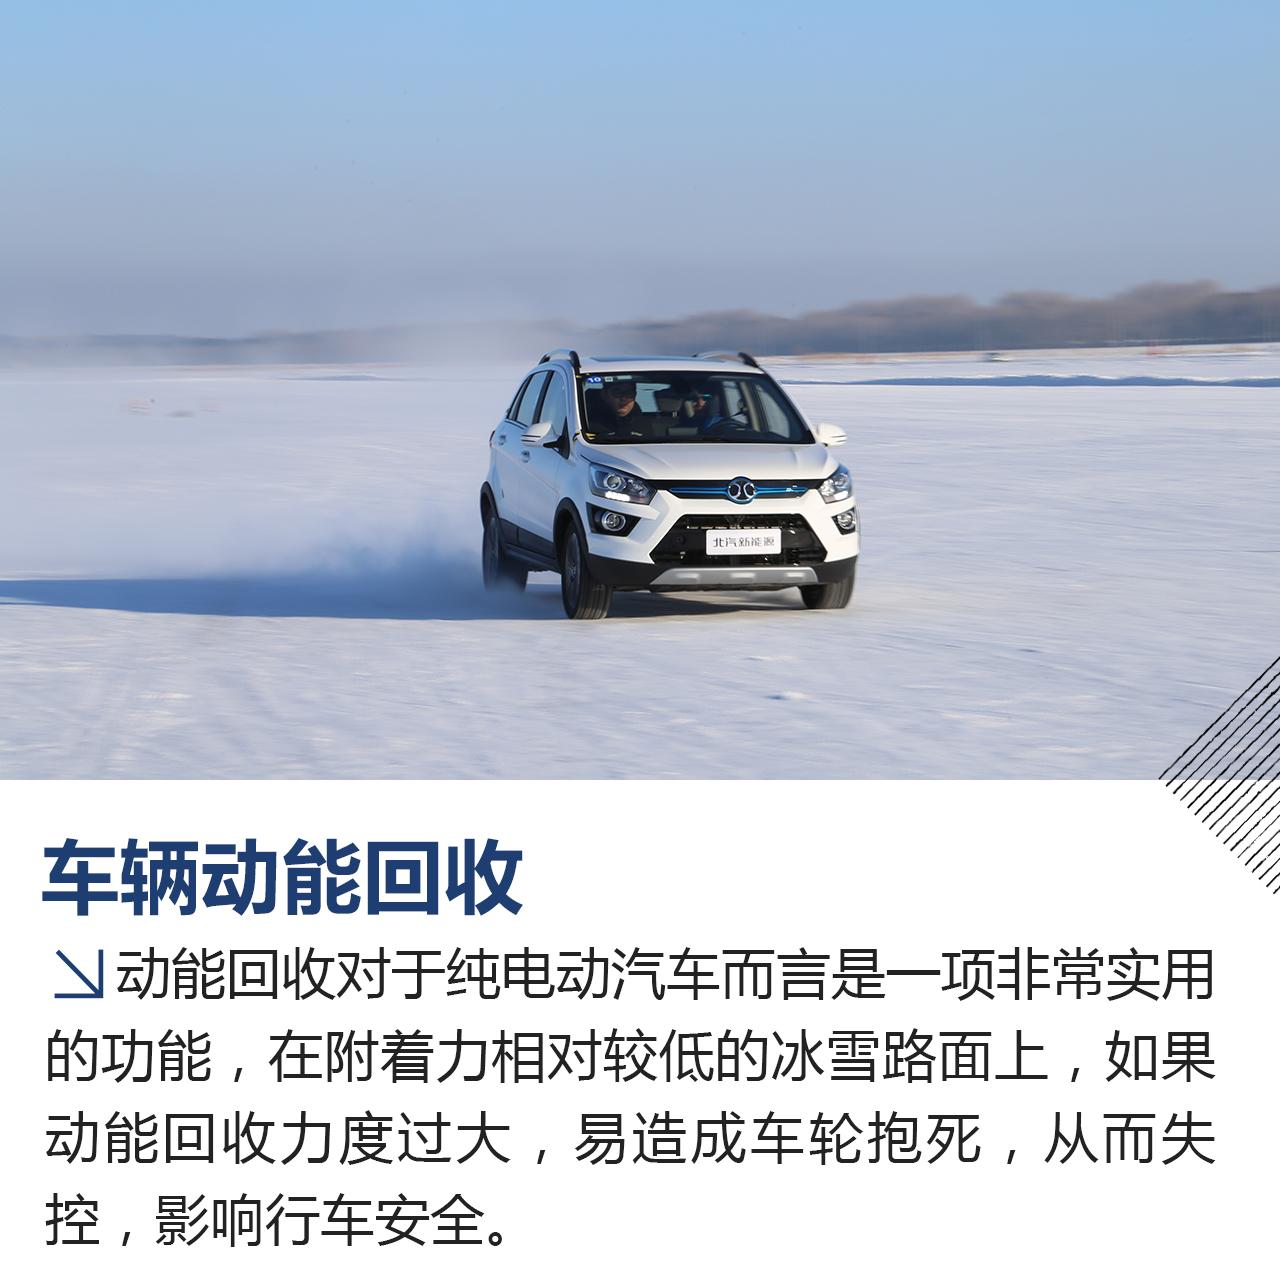 不再惧怕低温 北汽新能源极寒体验